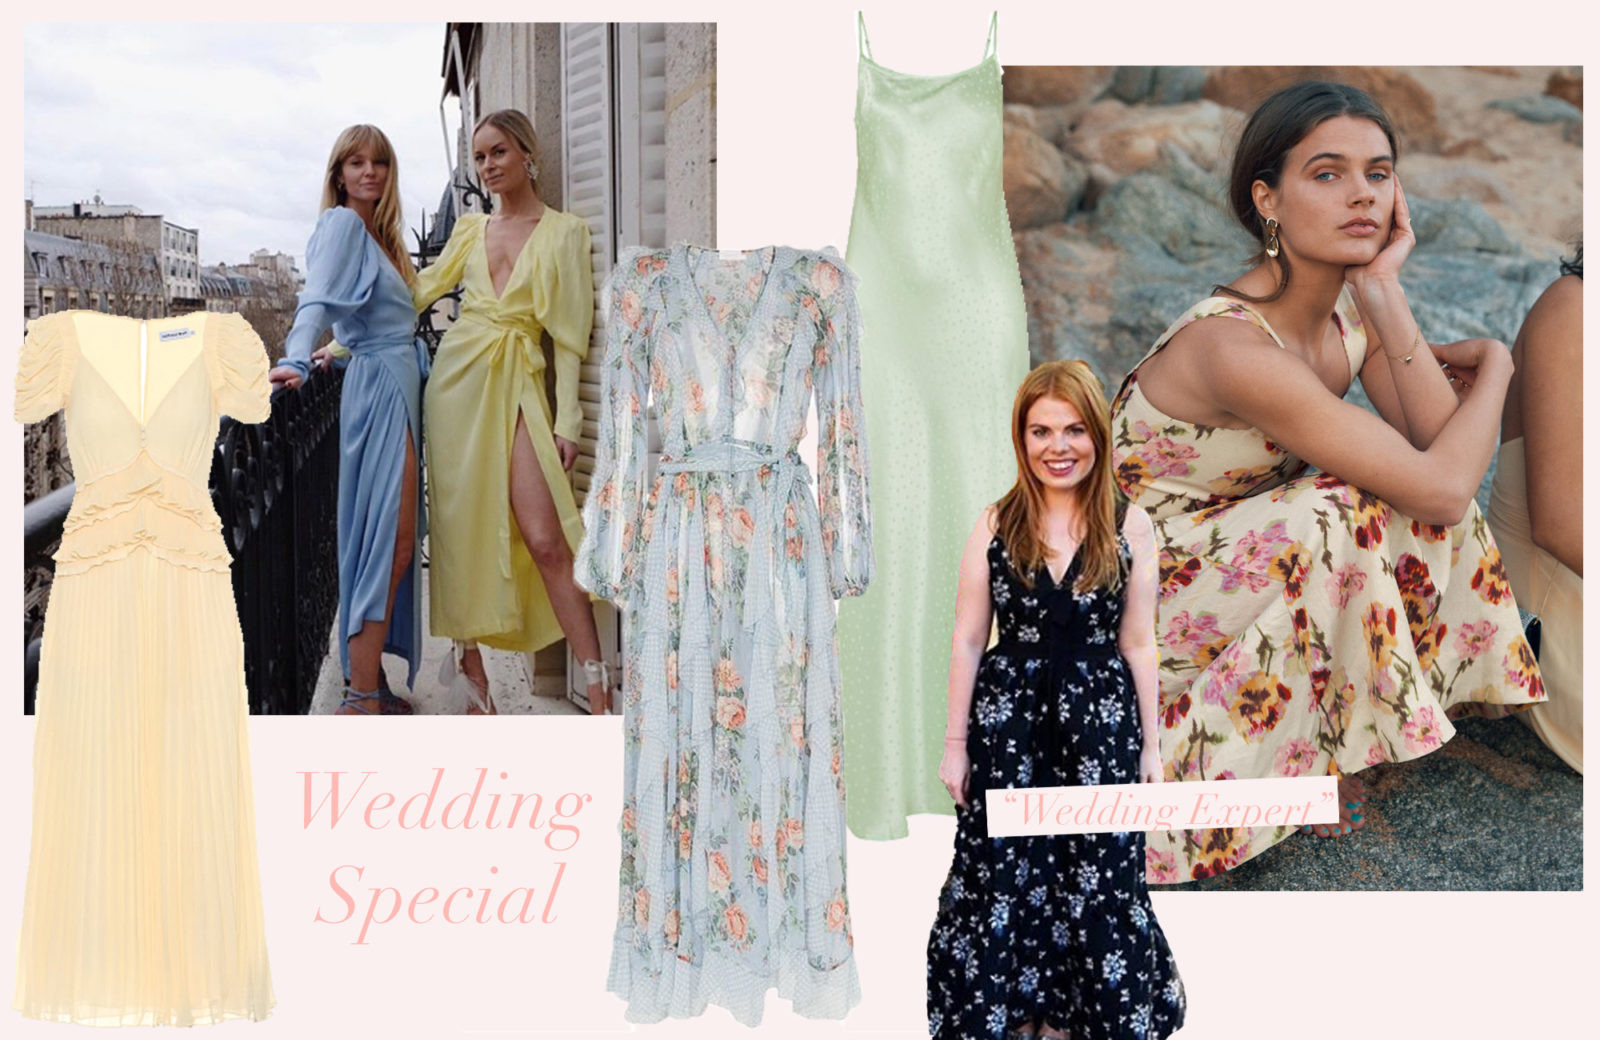 19 Dresses: Die Schönsten Kleider Für Hochzeitsgäste + Tipps